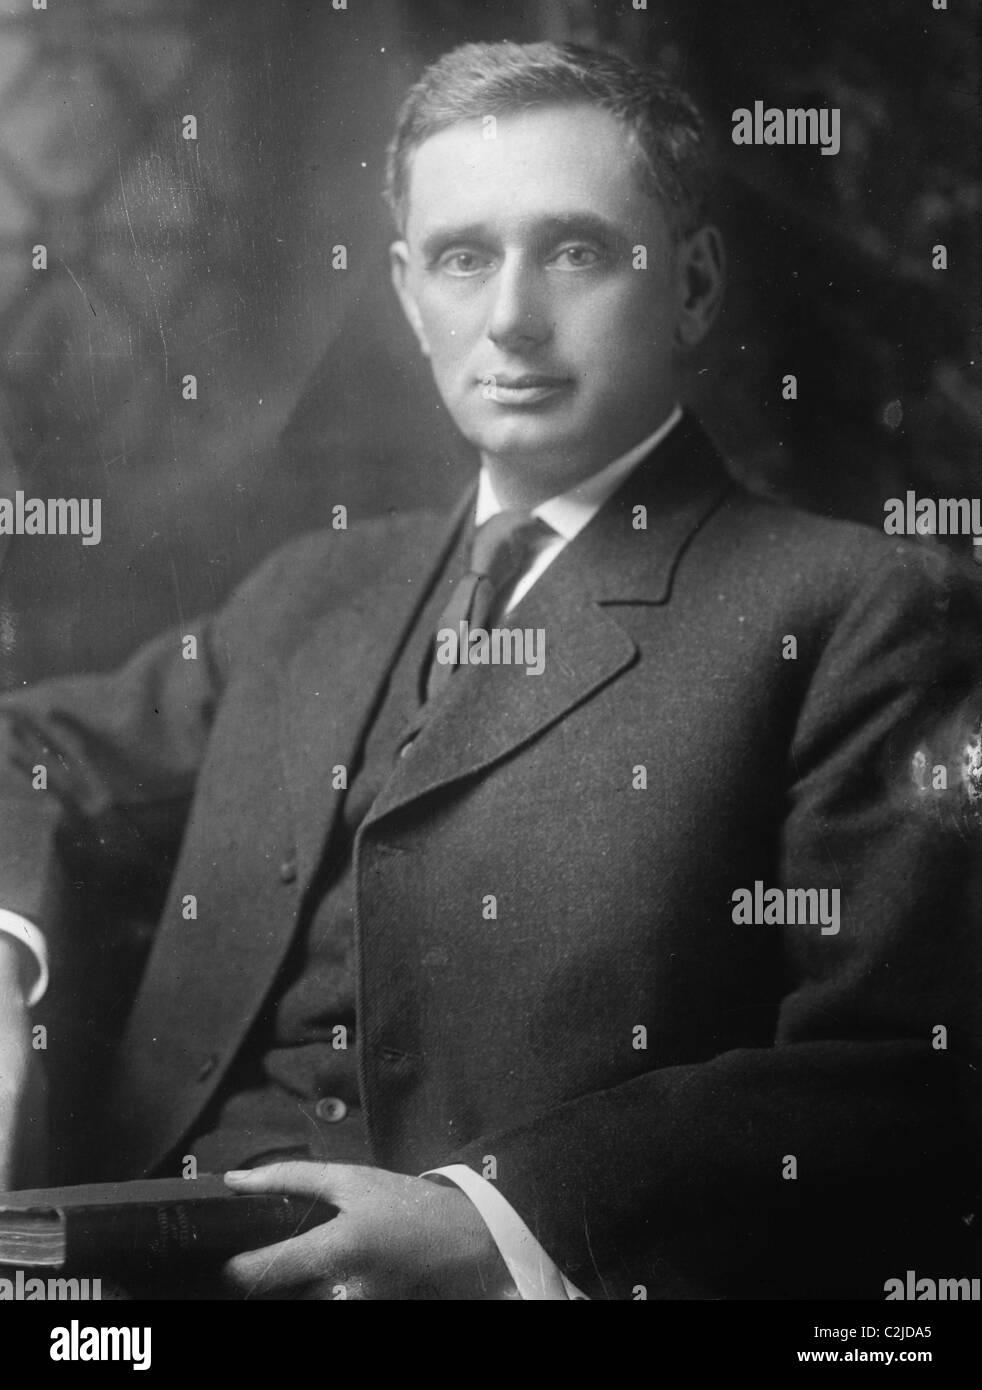 Portrait of Louis D. Brandeis - Stock Image